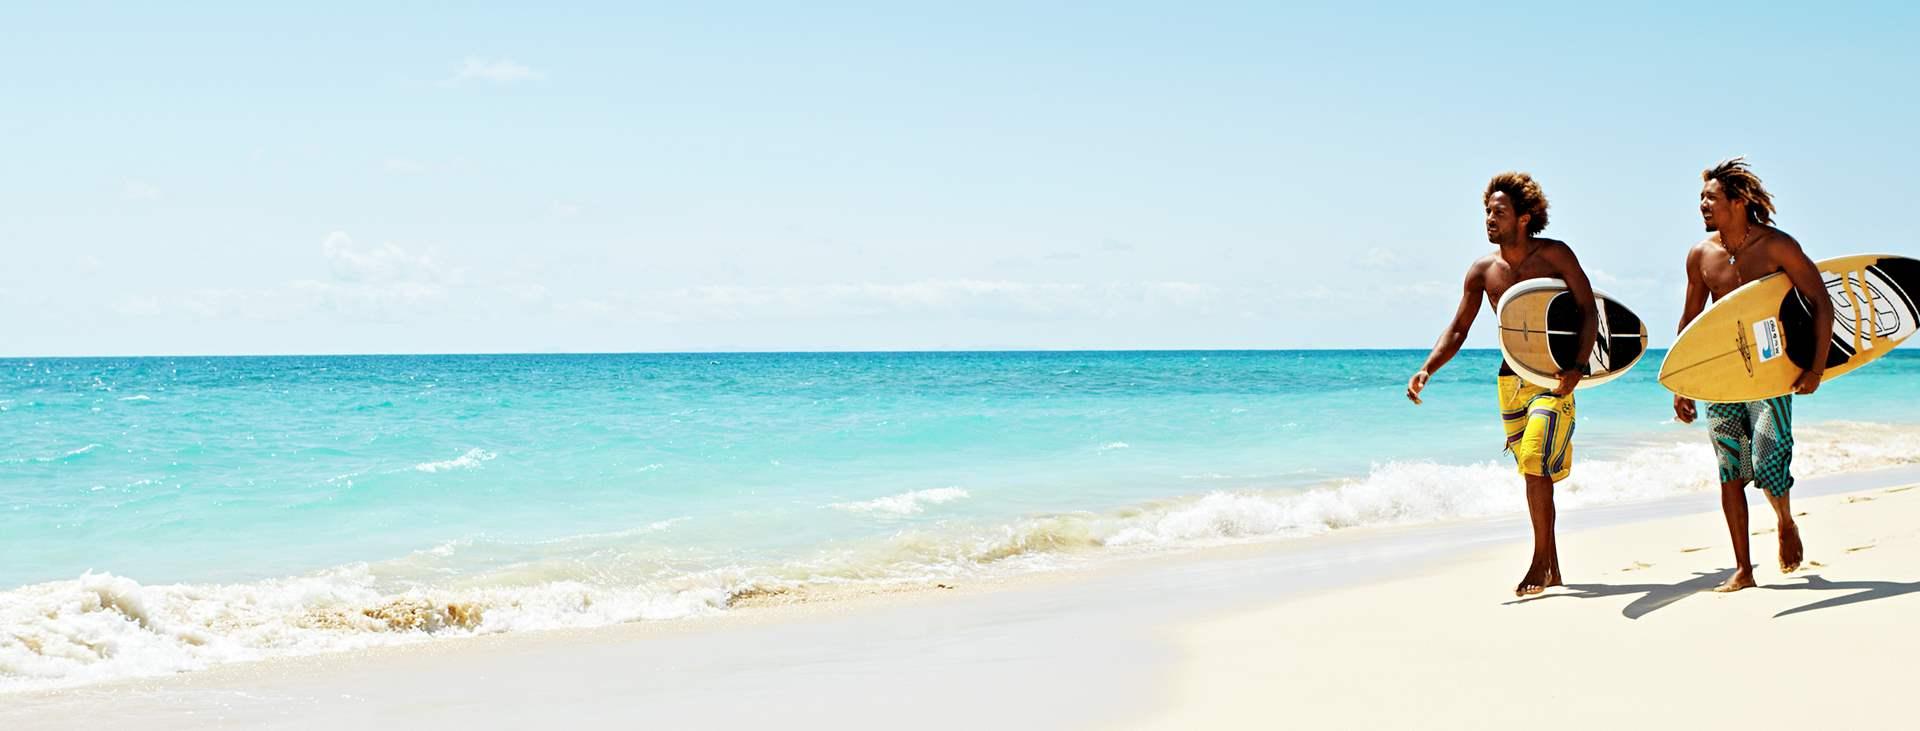 Bestill en reise med Ving til Sal på Kapp Verde